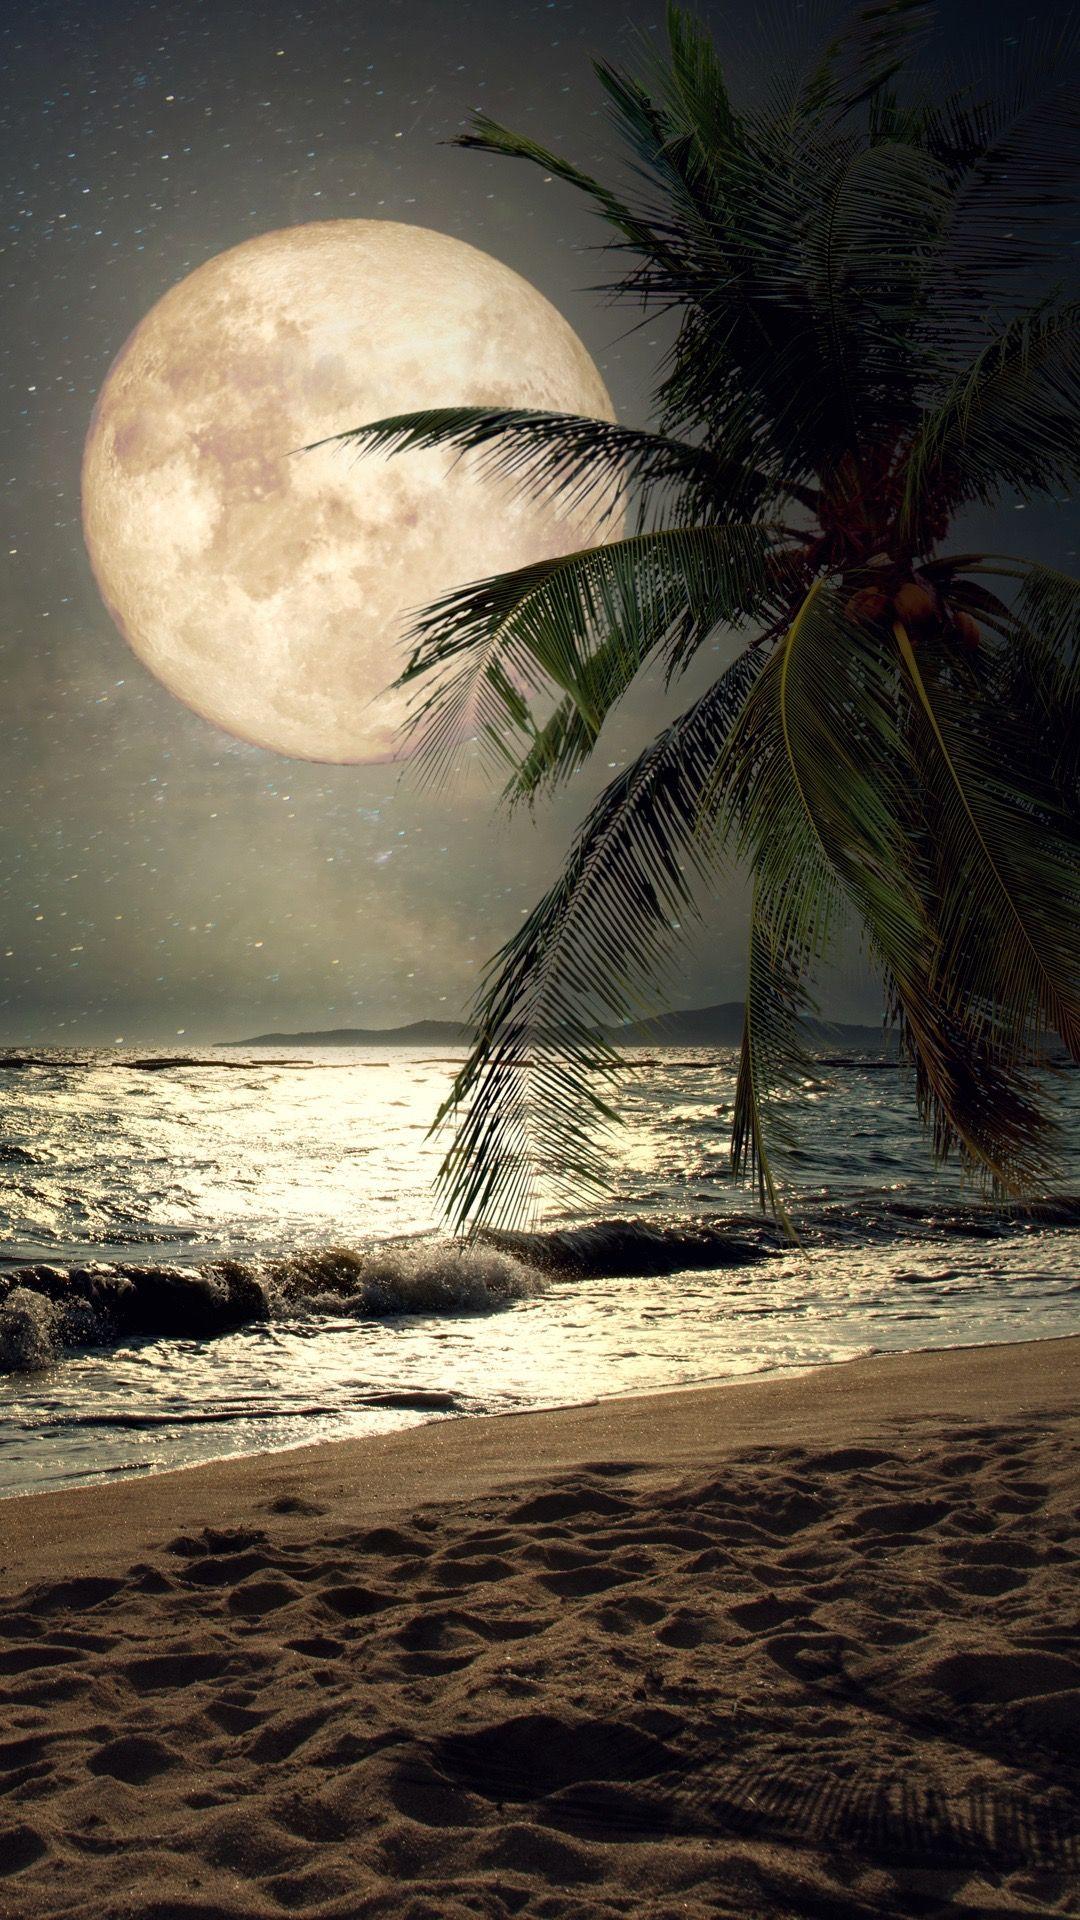 Such A Lovely Beach Night Wallpaper For Your Iphone X From Everpix Pintura De Lua Fotos De Paisagem Fotos De Paisagens Naturais